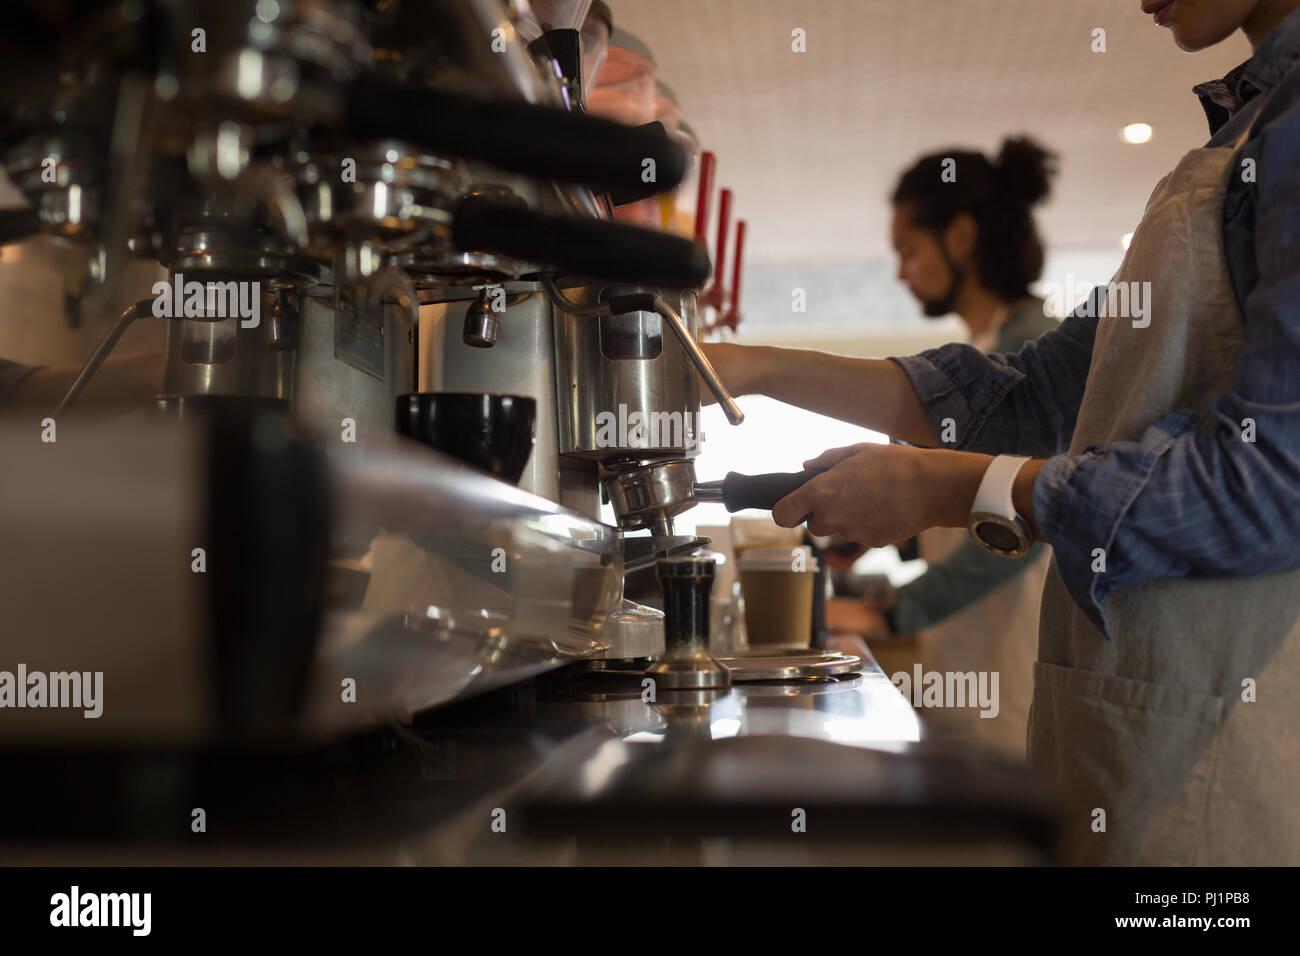 Serveuse préparer le café à la machine à café de cafe Photo Stock